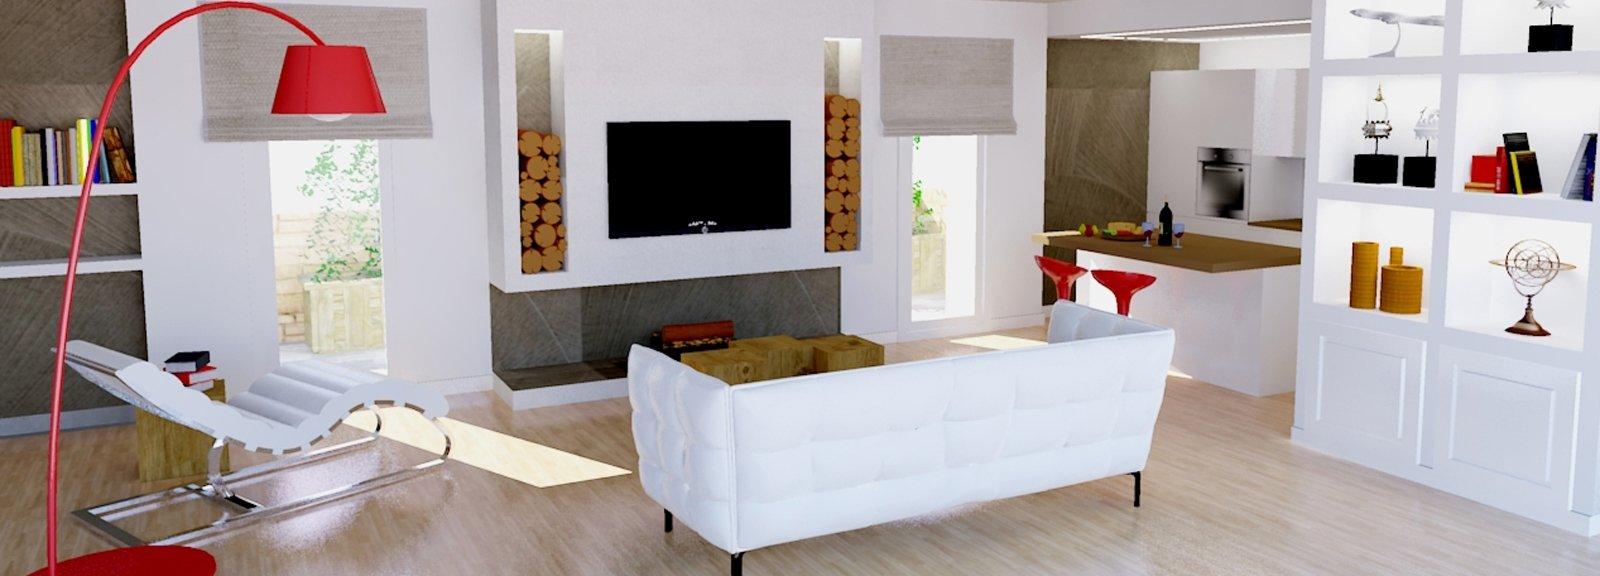 Un progetto per arredare un soggiorno con pareti oblique for Esempi arredamento soggiorno